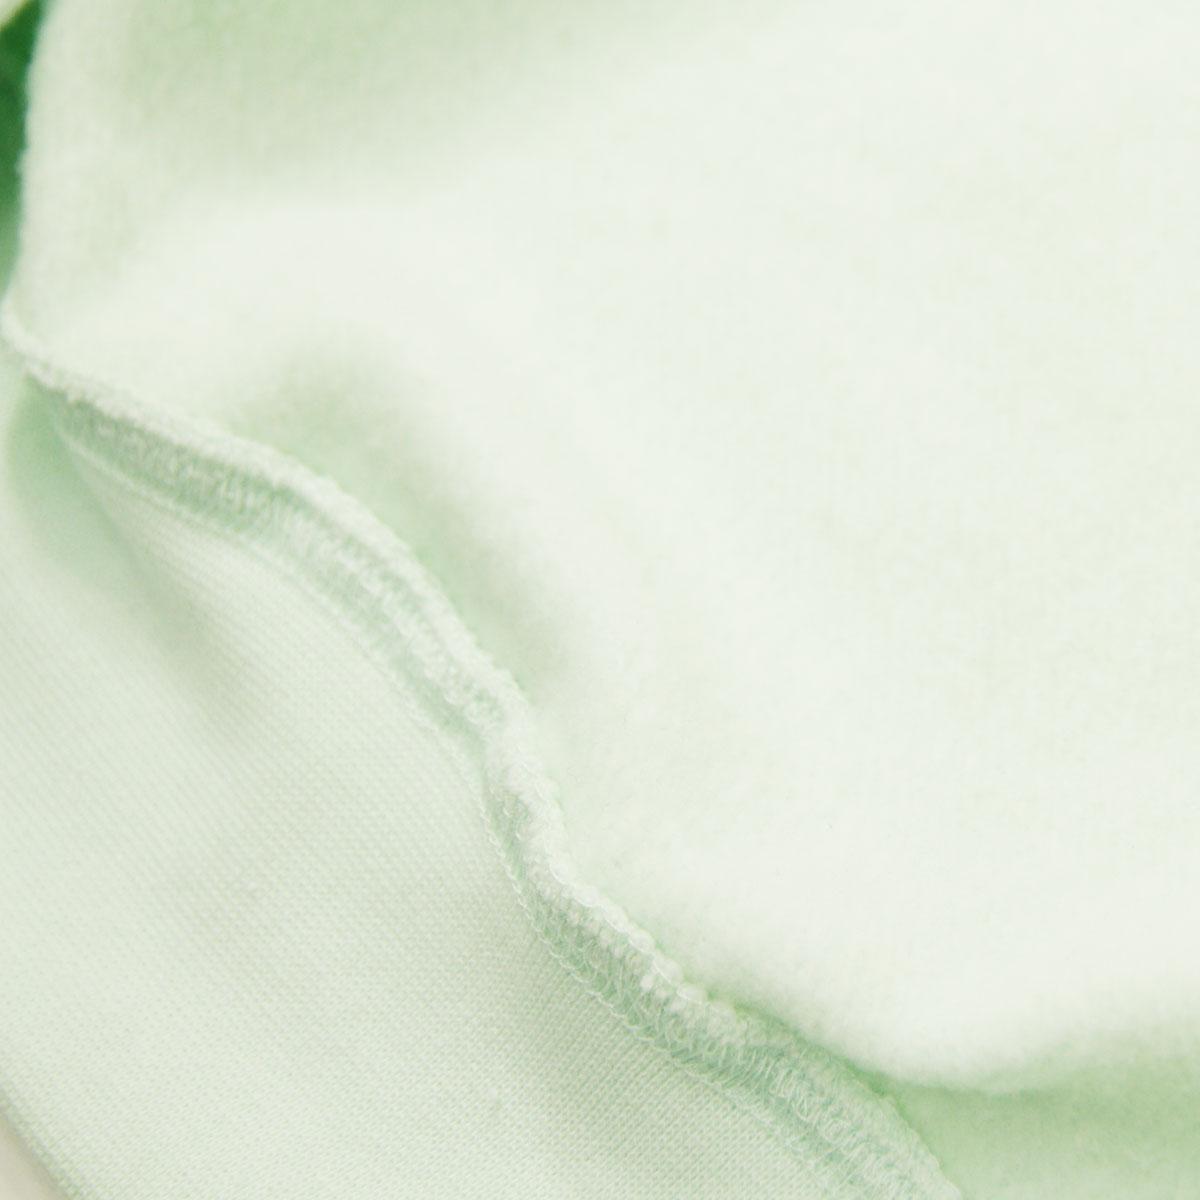 フィアオブゴッド FEAR OF GOD 正規品 メンズ クルーネック ロゴ スウェット FOG - FEAR OF GOD ESSENTIALS LOGO CREW NECK SWEATSHIRT MINT AA5B B1C C1D D5E E08F